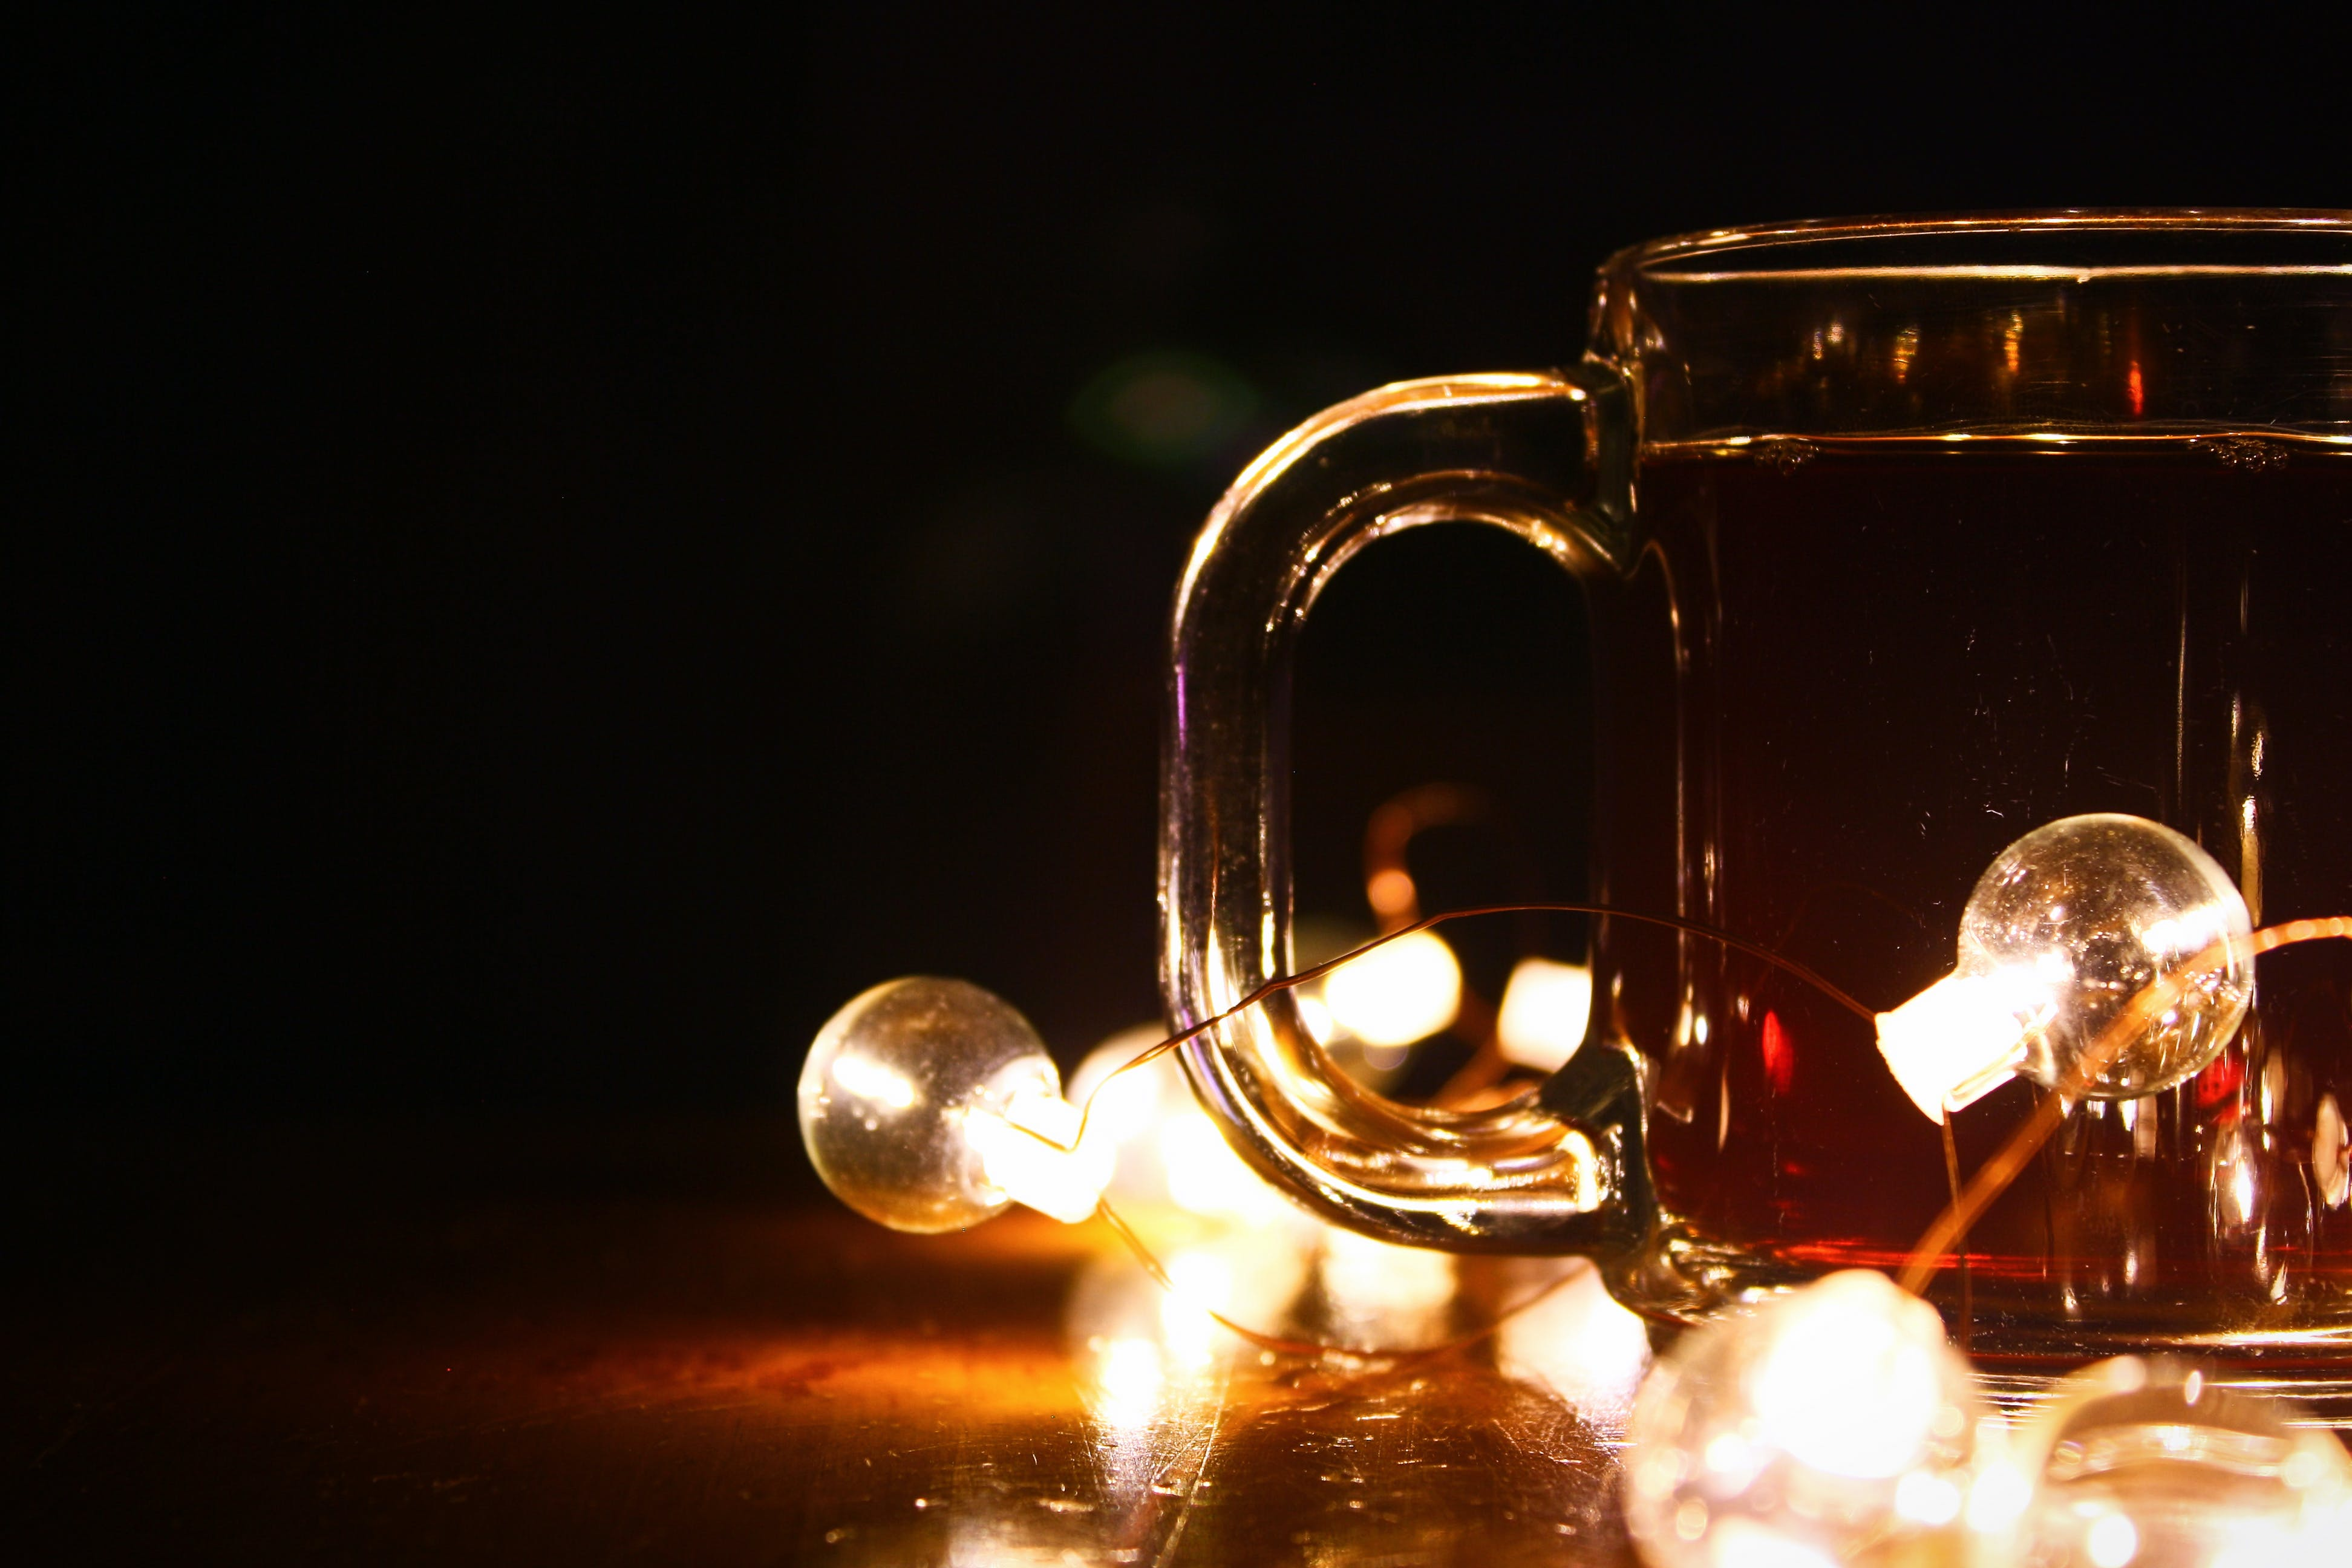 お茶, インドア, カップ, ガラスの無料の写真素材